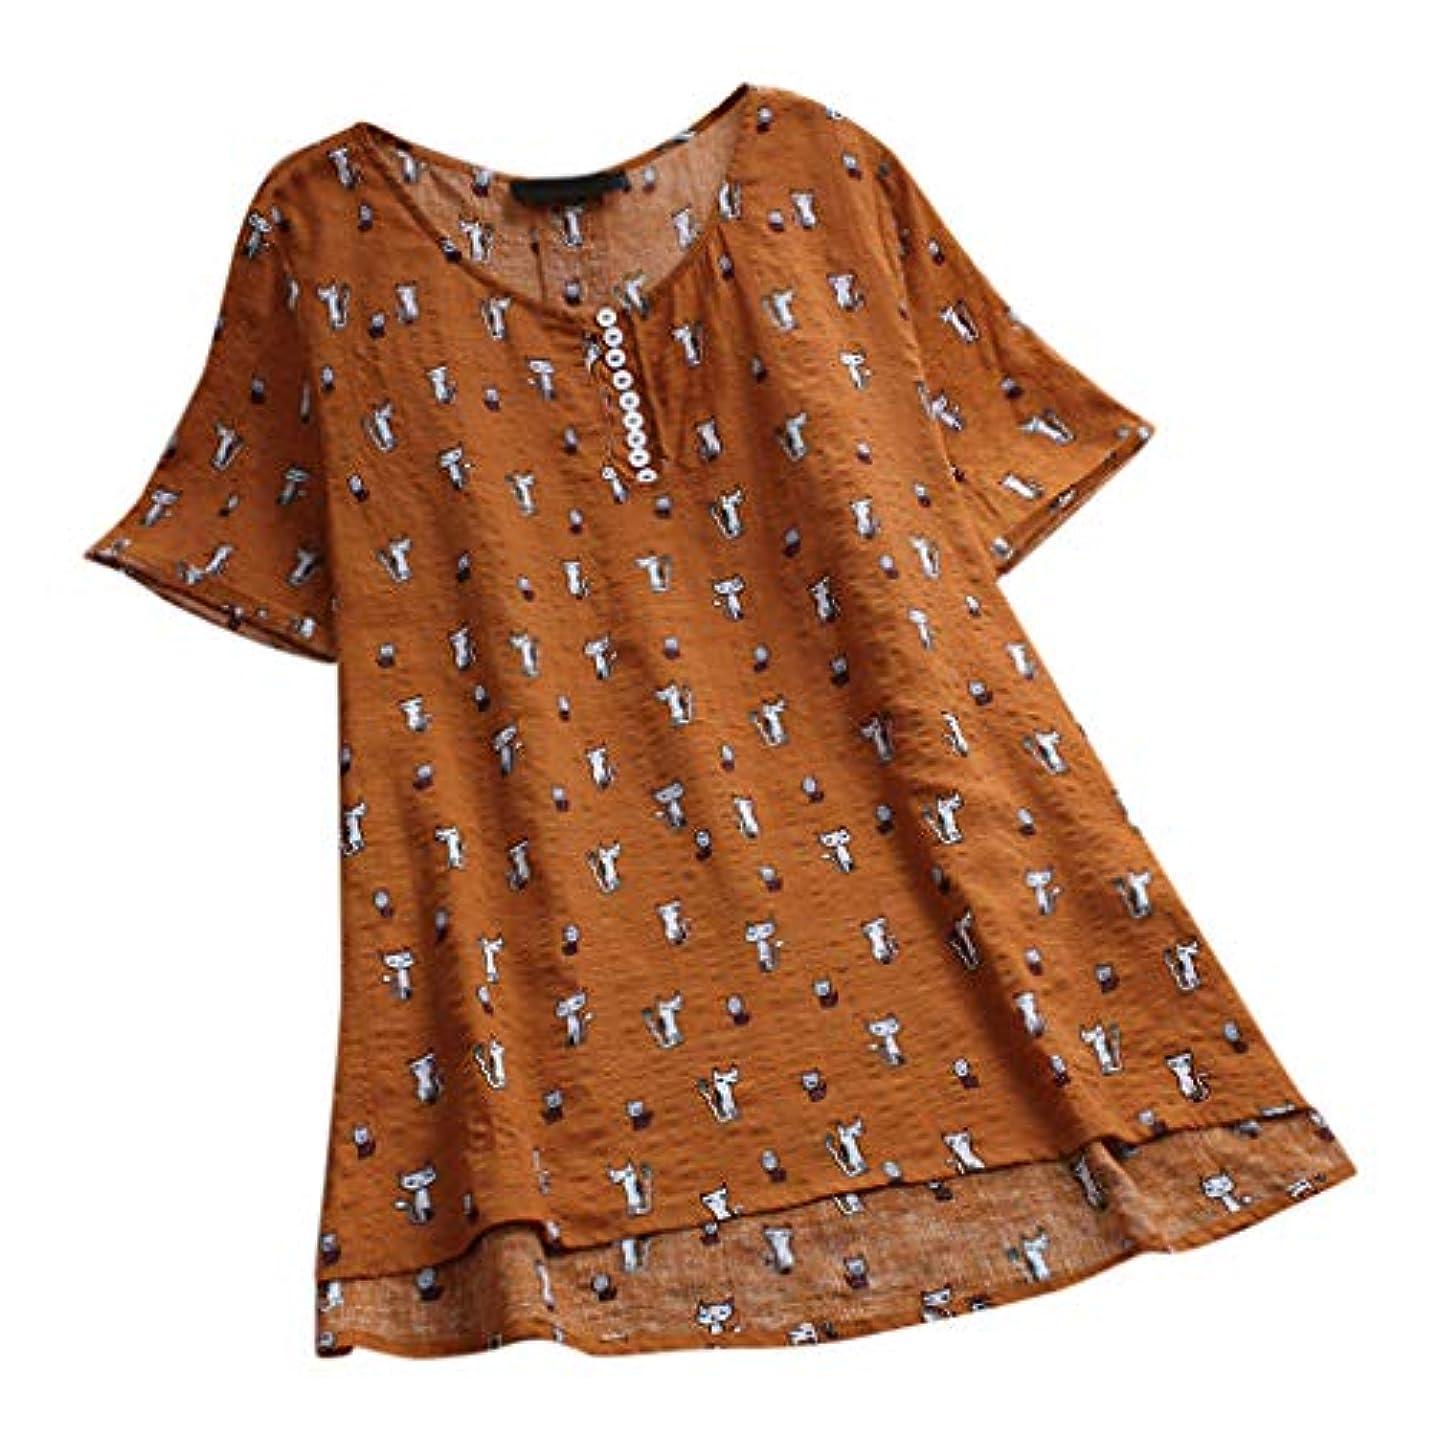 宮殿狐コンベンションレディース tシャツ プラスサイズ 半袖 丸首 猫プリント ボタン ビンテージ チュニック トップス 短いドレス ブラウス 人気 夏服 快適な 軽い 柔らかい かっこいい ワイシャツ カジュアル シンプル オシャレ 春夏秋 対応